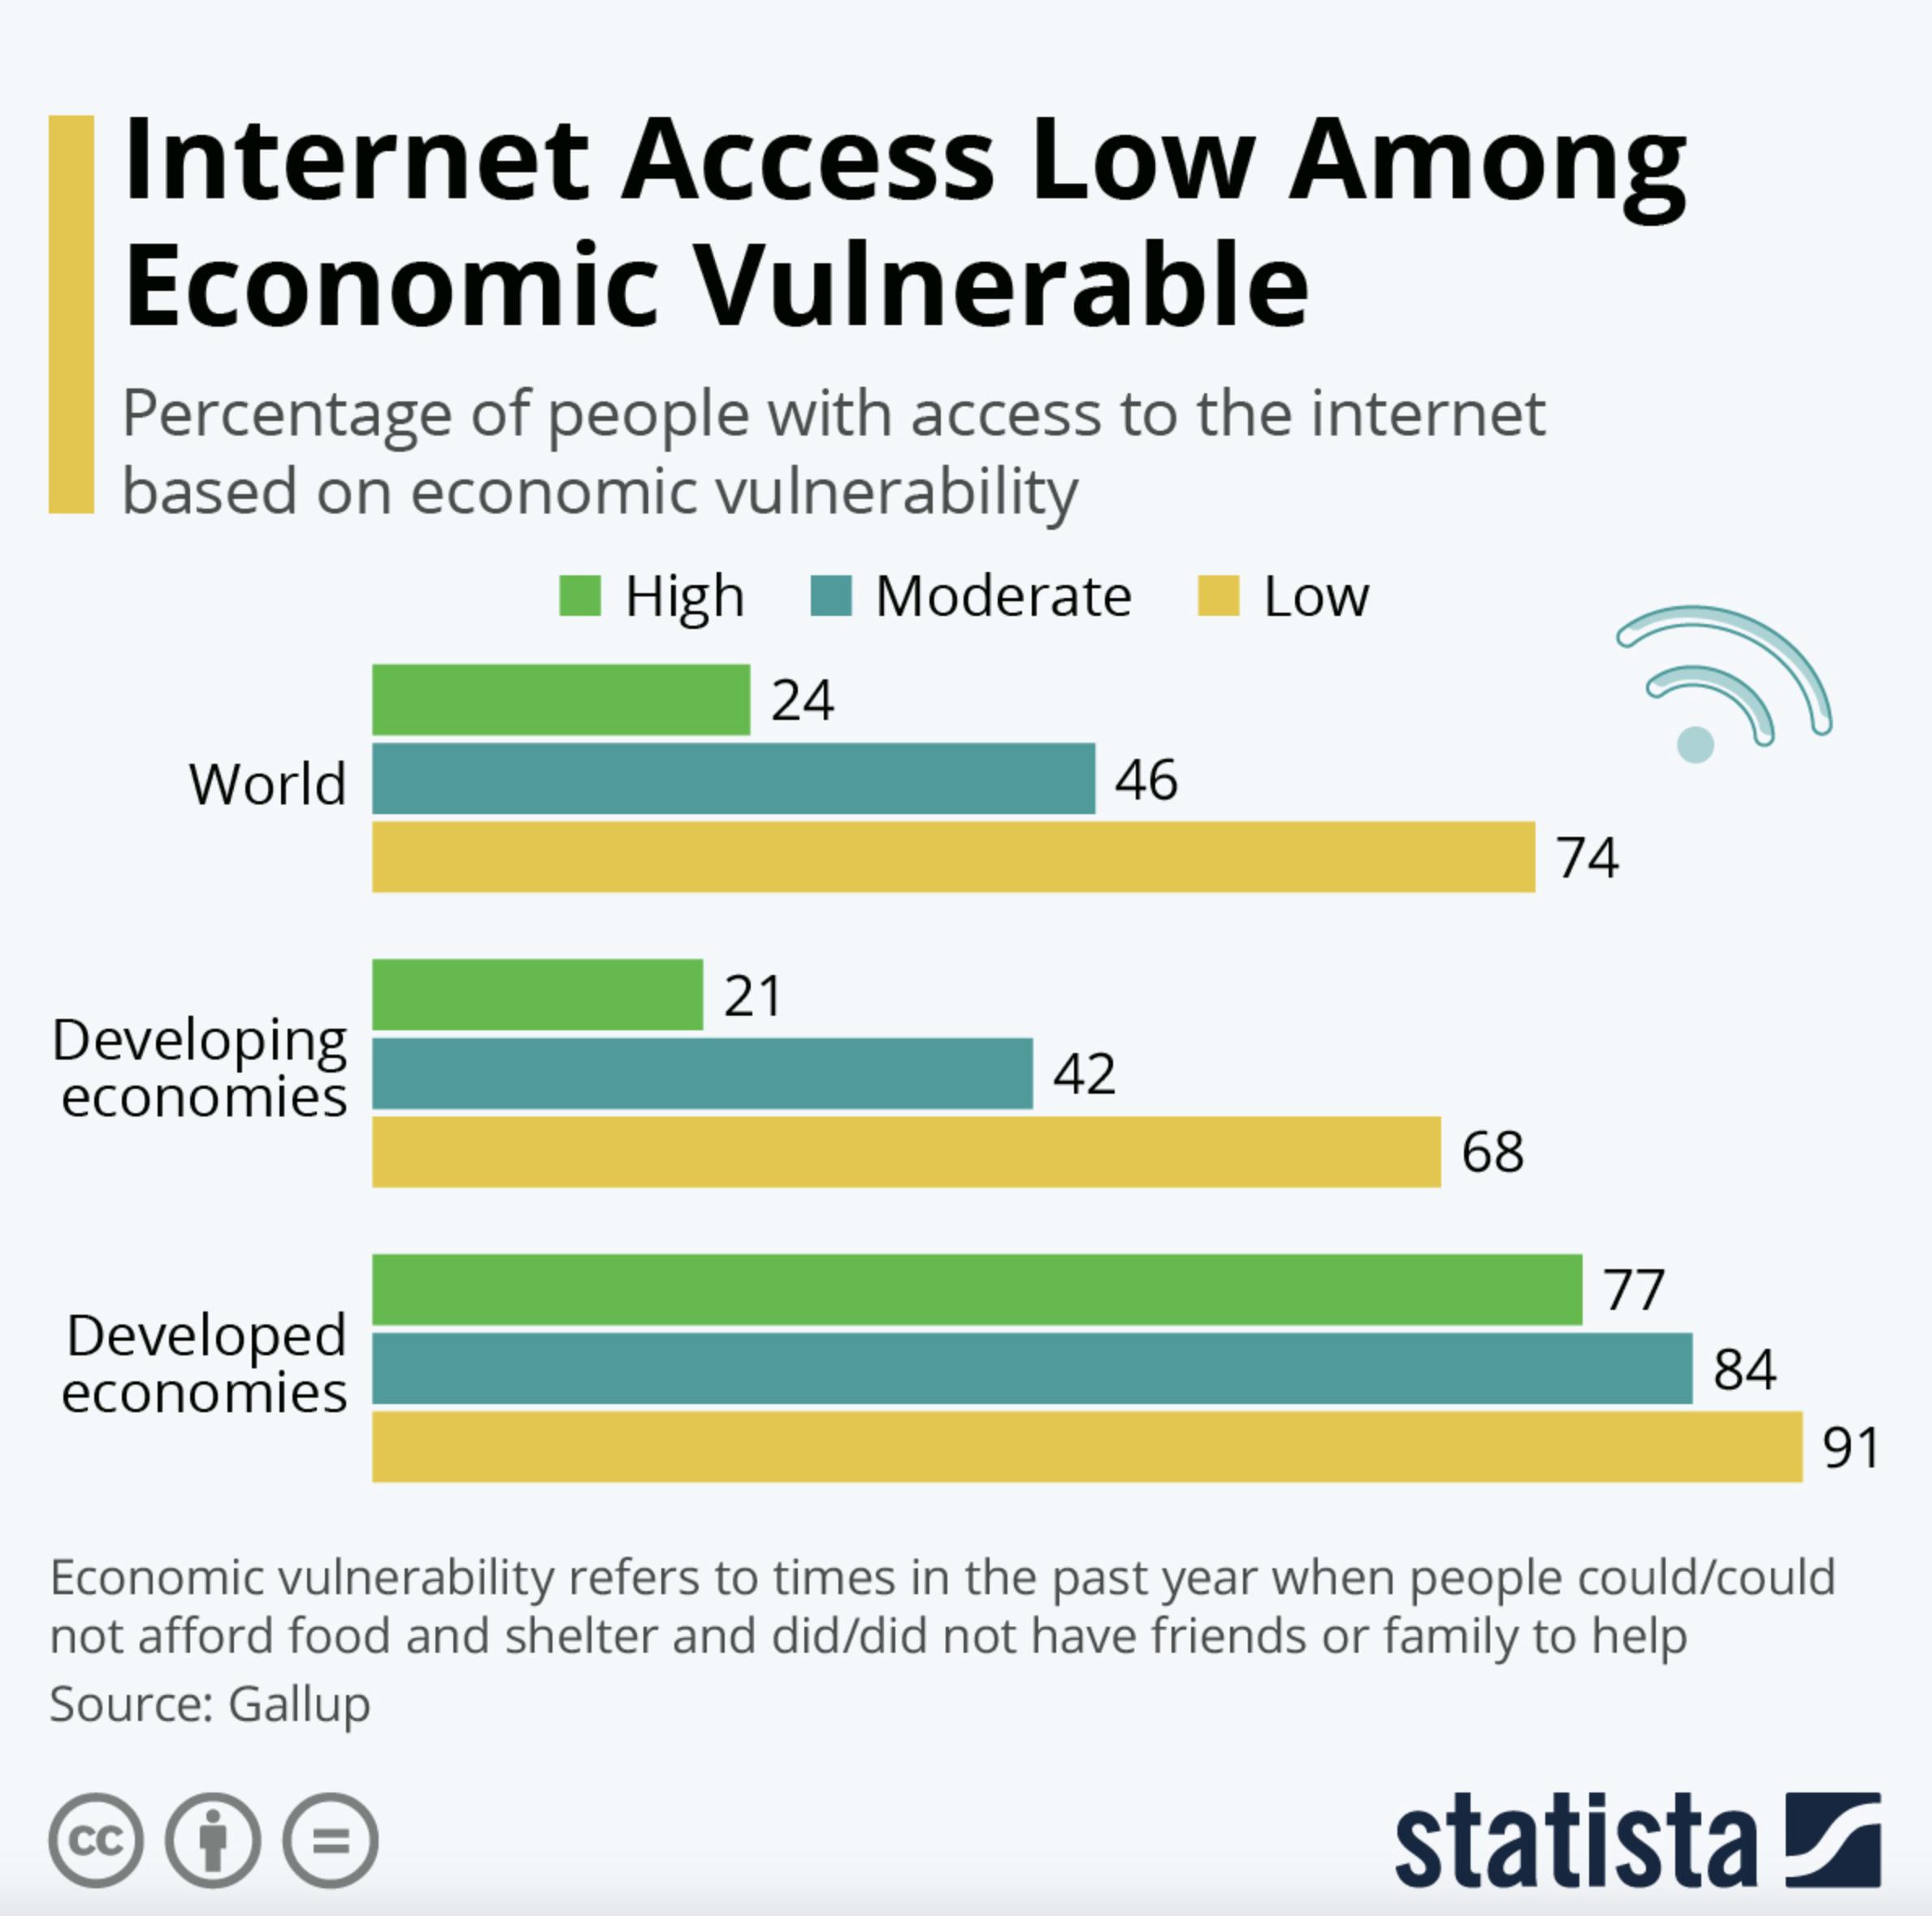 Internet access low among economic vulnerable